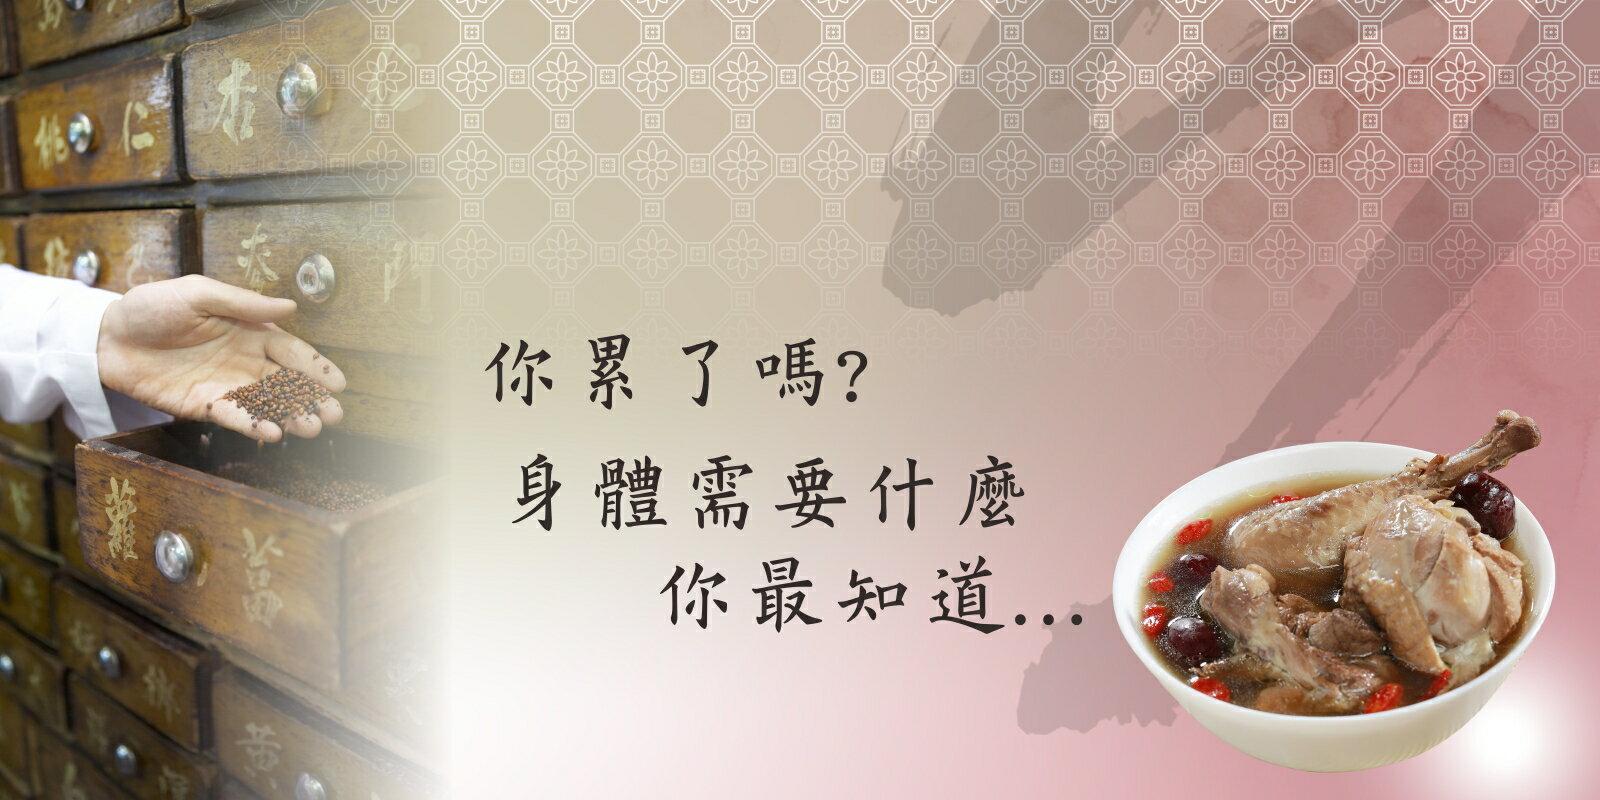 【粉光蔘加味四物土雞腿】超大家庭包 4斤多重   (6~8人份) 5